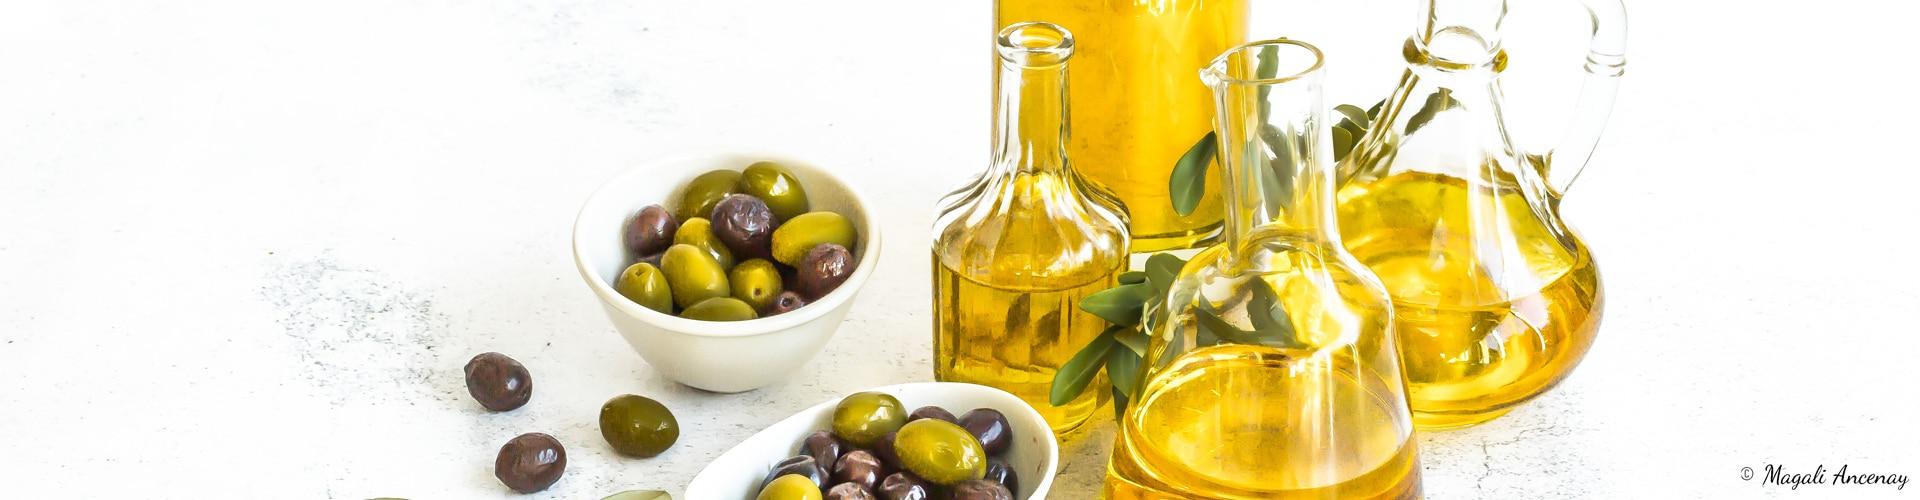 huile-olive-olives-huiles-aop-appellation-origine-france-sud-terroir